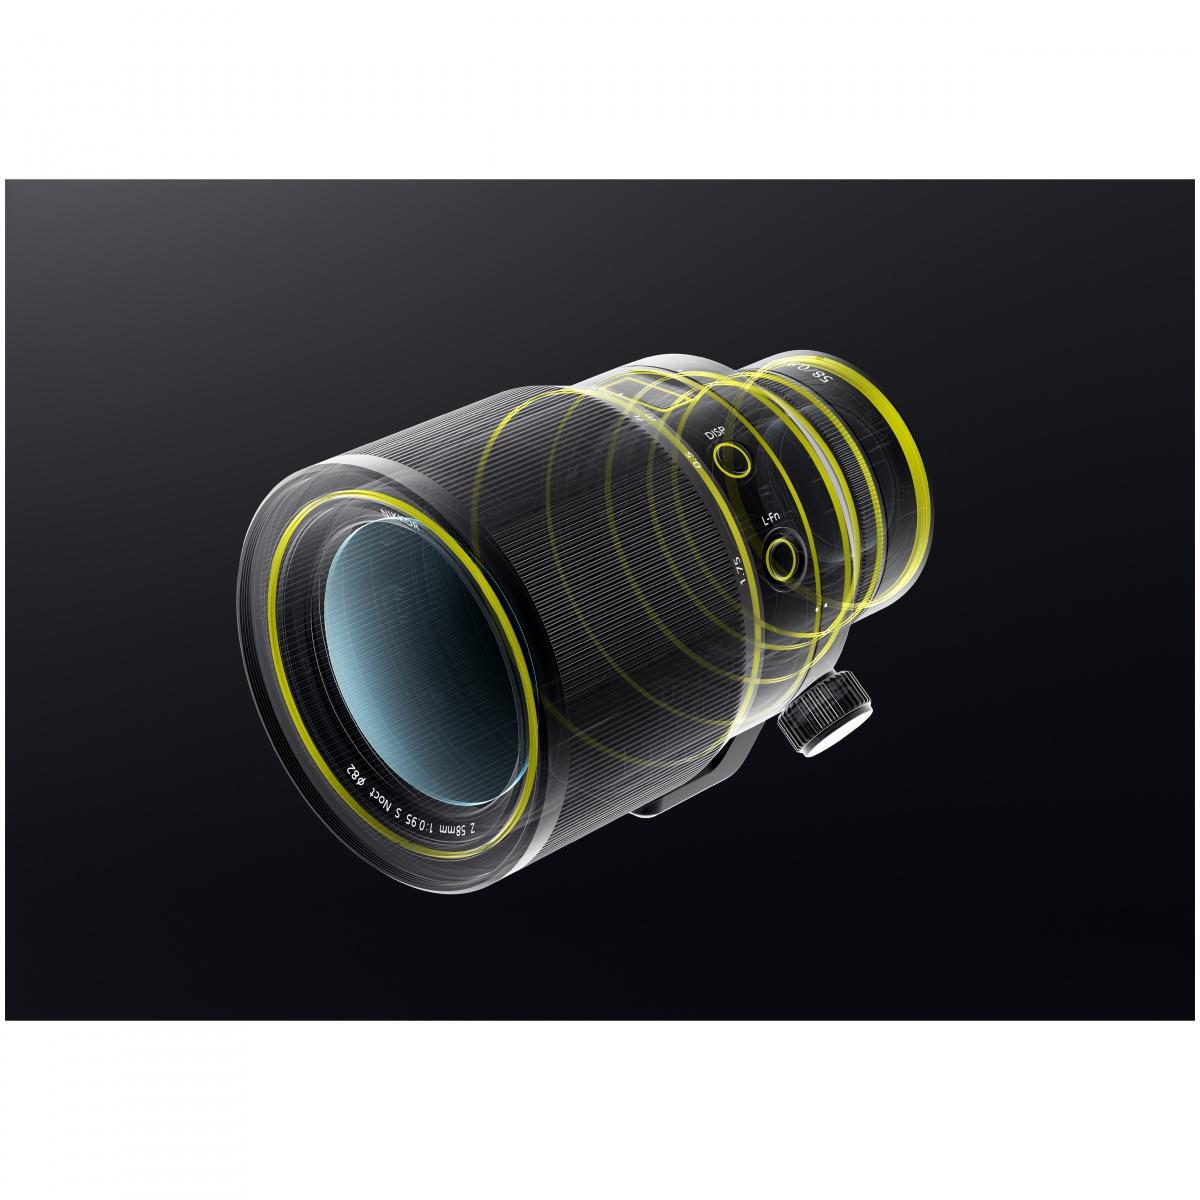 Nikon 58 mm 1:0,95 Z S Noct